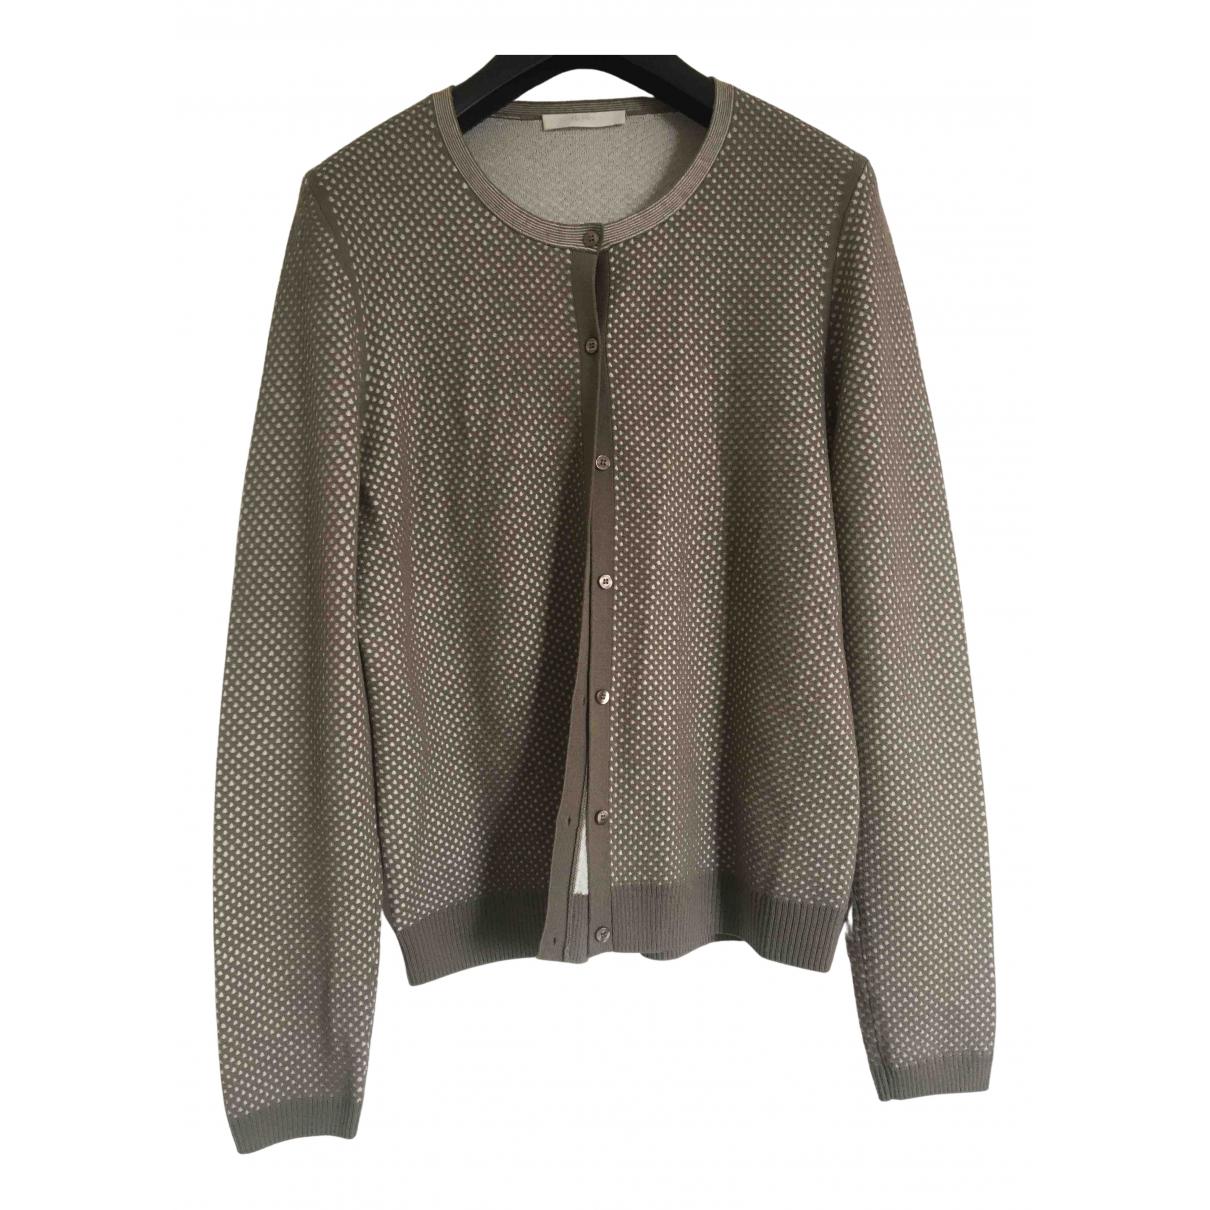 Boss N Beige Wool Knitwear for Women L International